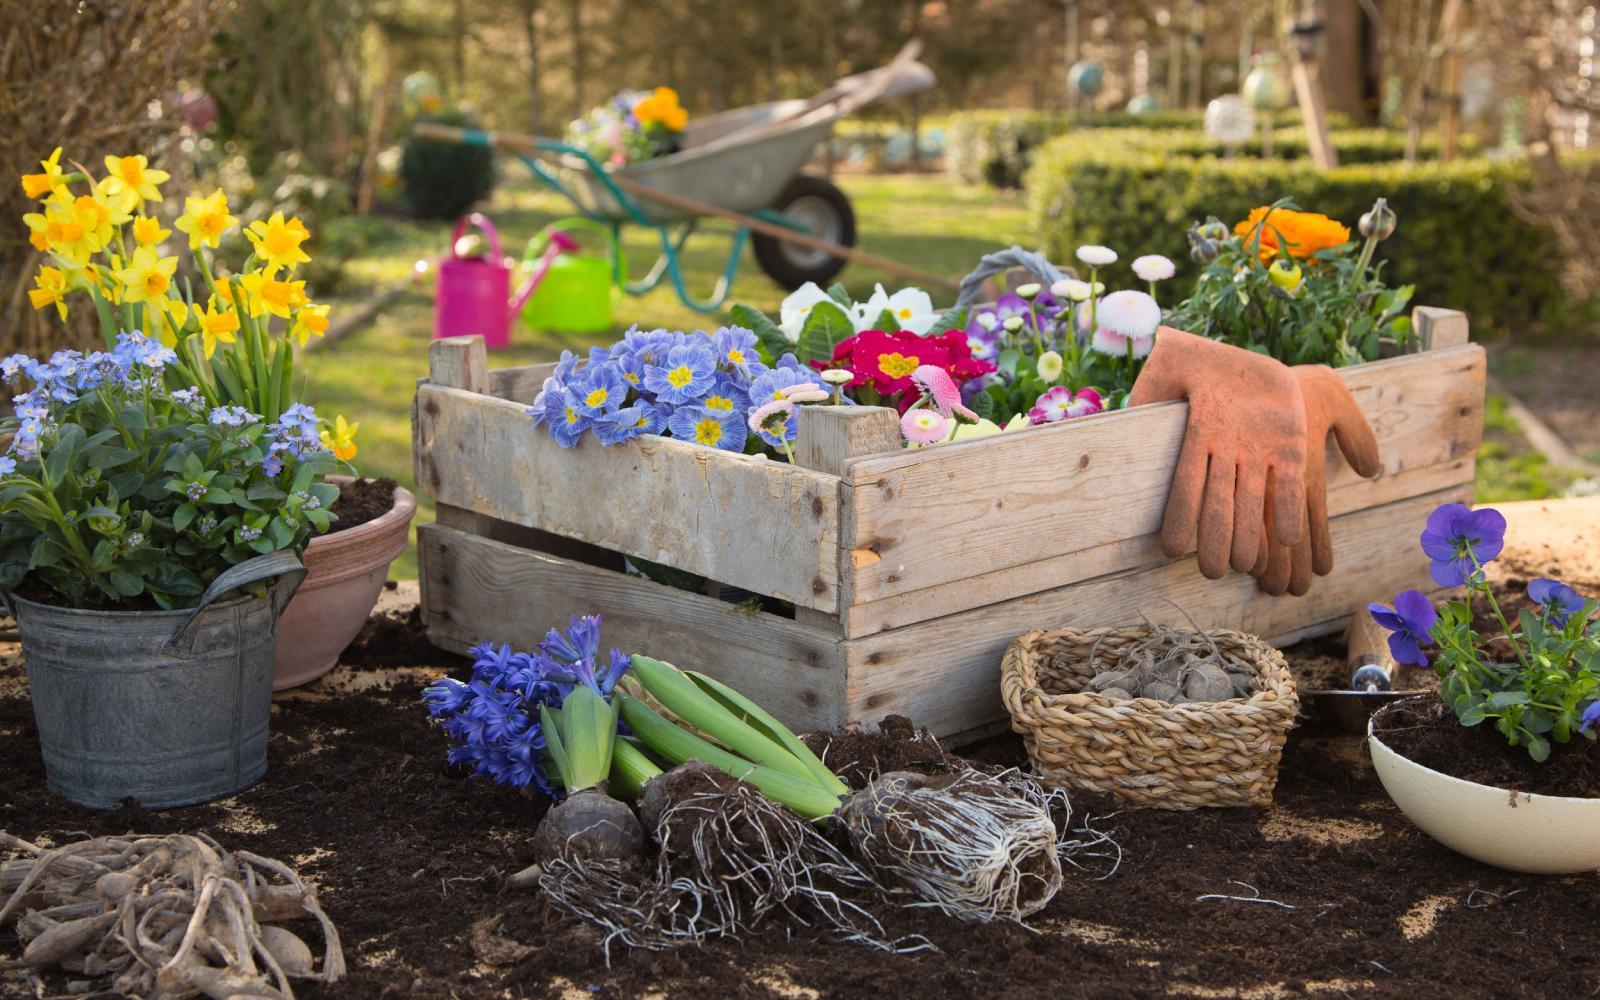 Plantas na primavera: cuidados básicos